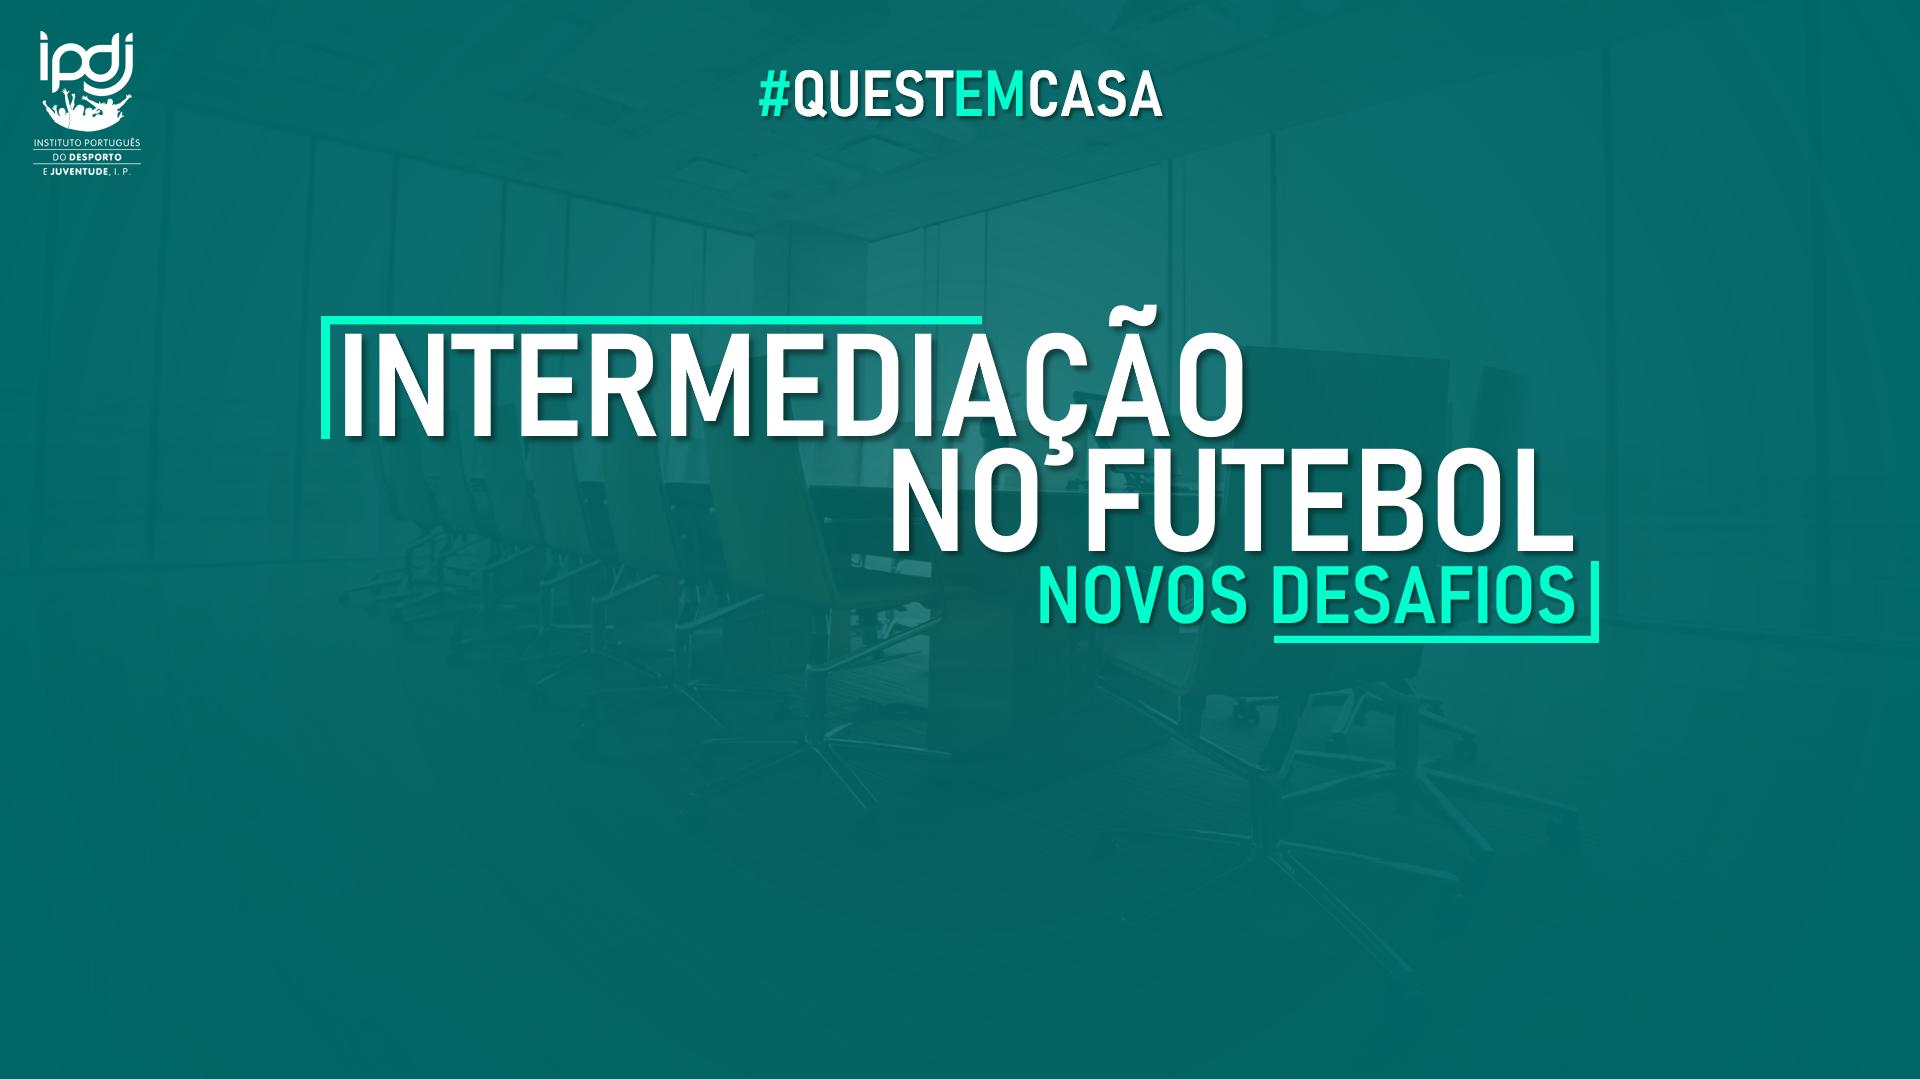 INTERMEDIAÇÃO NO FUTEBOL - NOVOS DESAFIOS